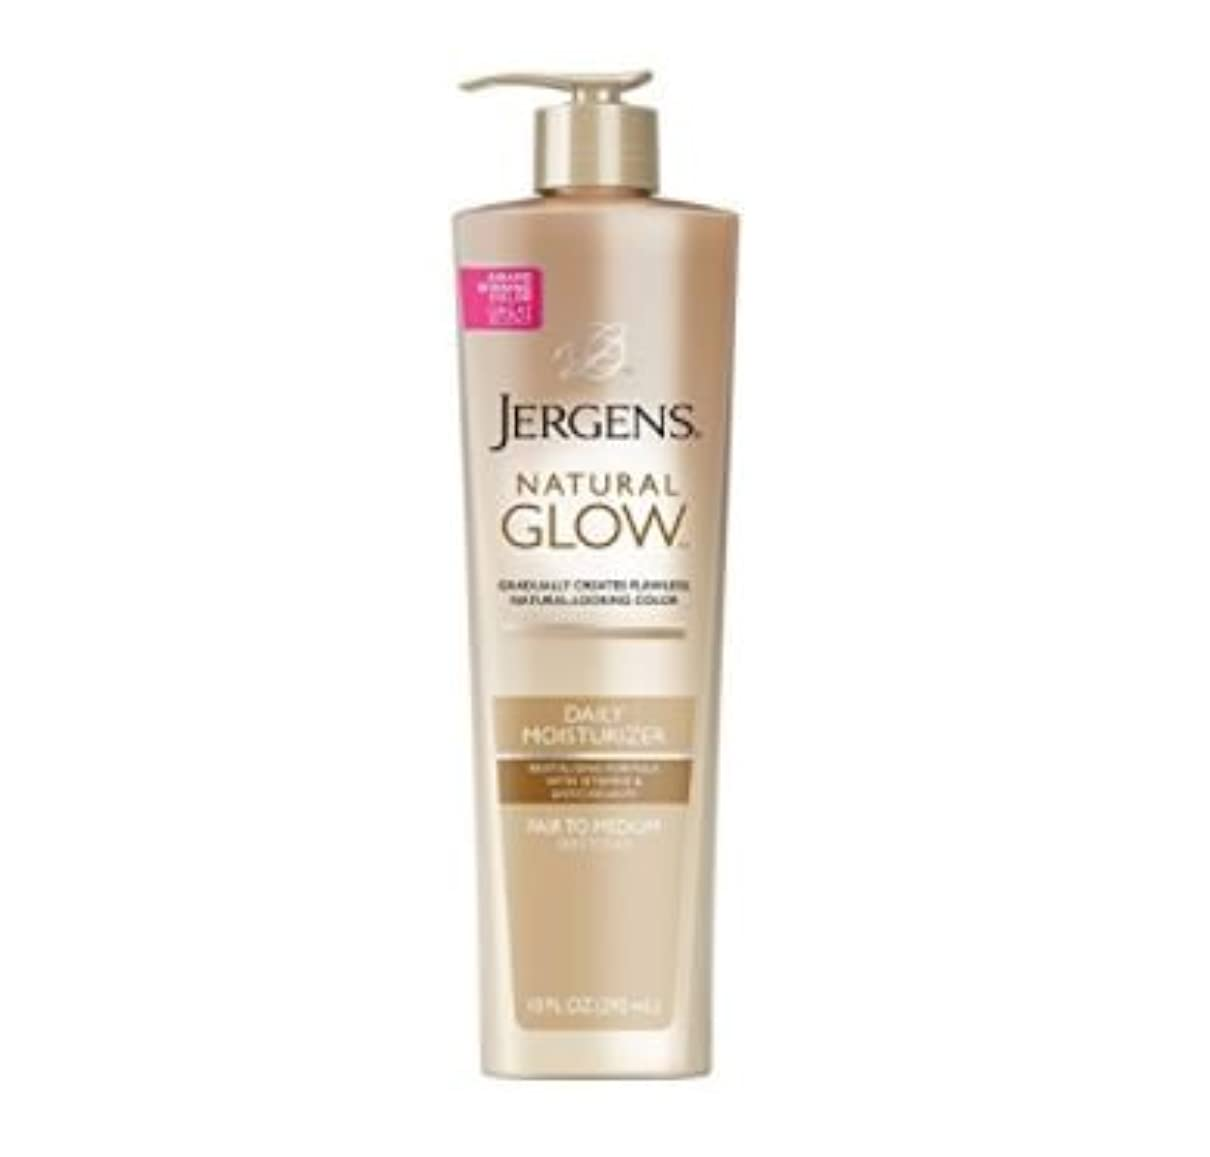 ジャーゲンス【ポンプ付き295ml】塗るだけでキレイなブロンズ肌! セルフタンニングローション Jergens Natural Glow ジャーゲンズ (Fair/Medium 色白の方用)